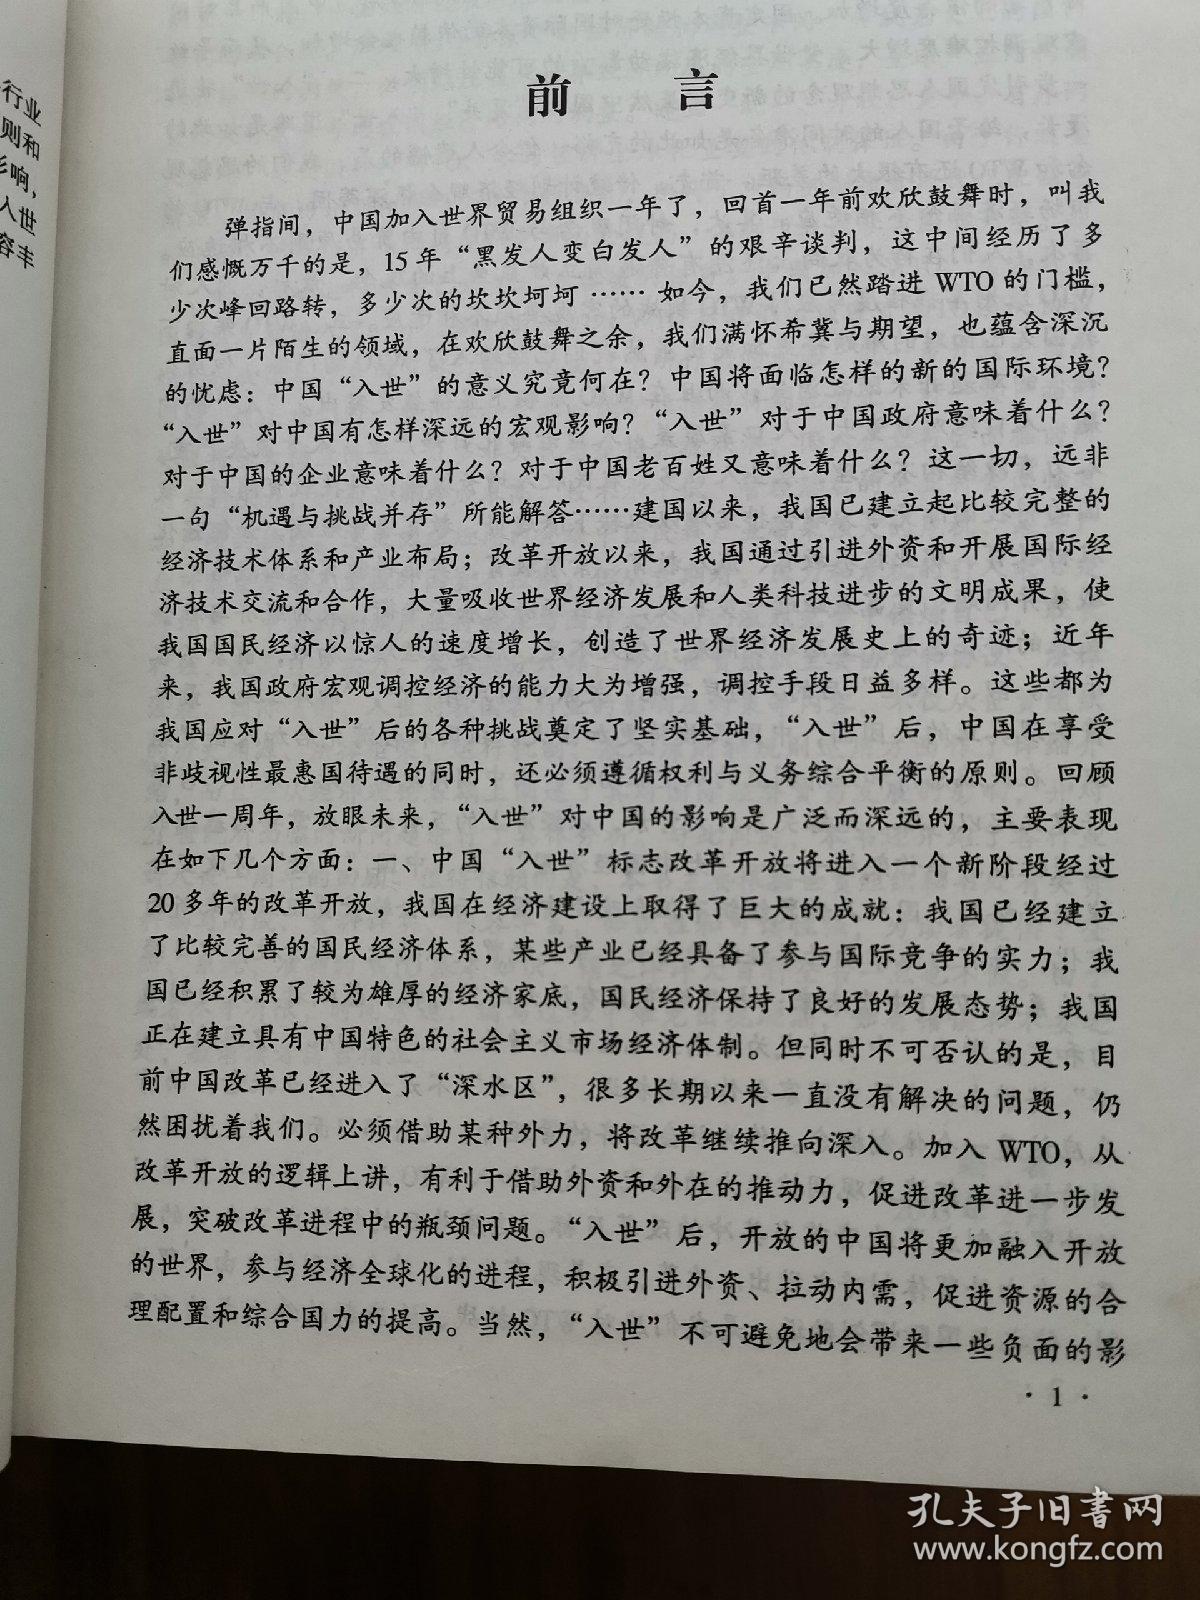 《中国入世议定书》上下文范围认定问题研究- 豆丁网